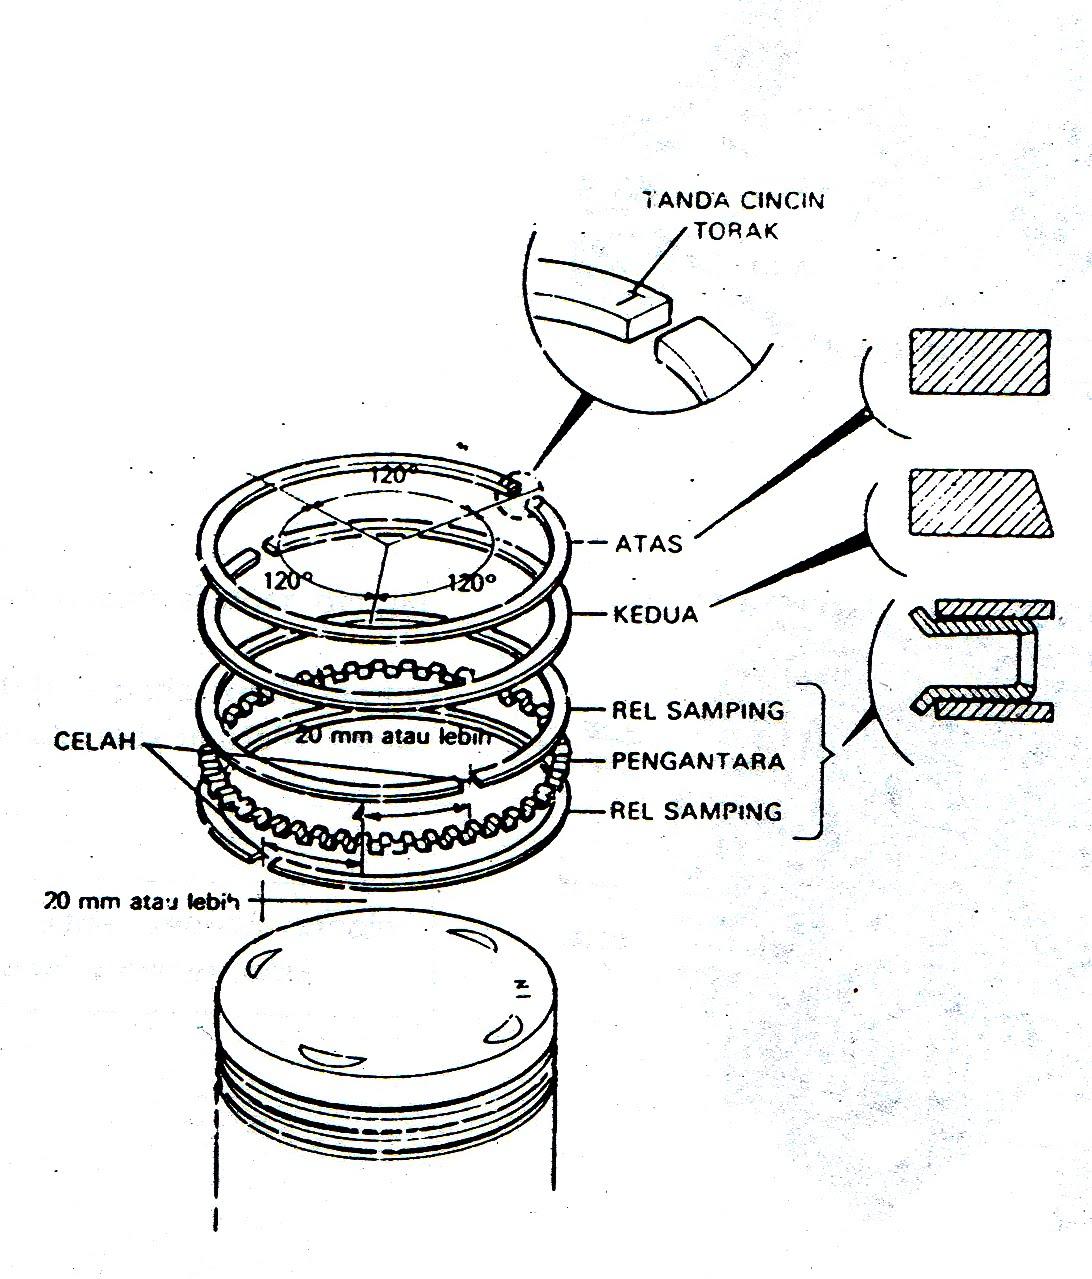 Rangkaian Kelistrikan Sepeda Motor Honda Supra